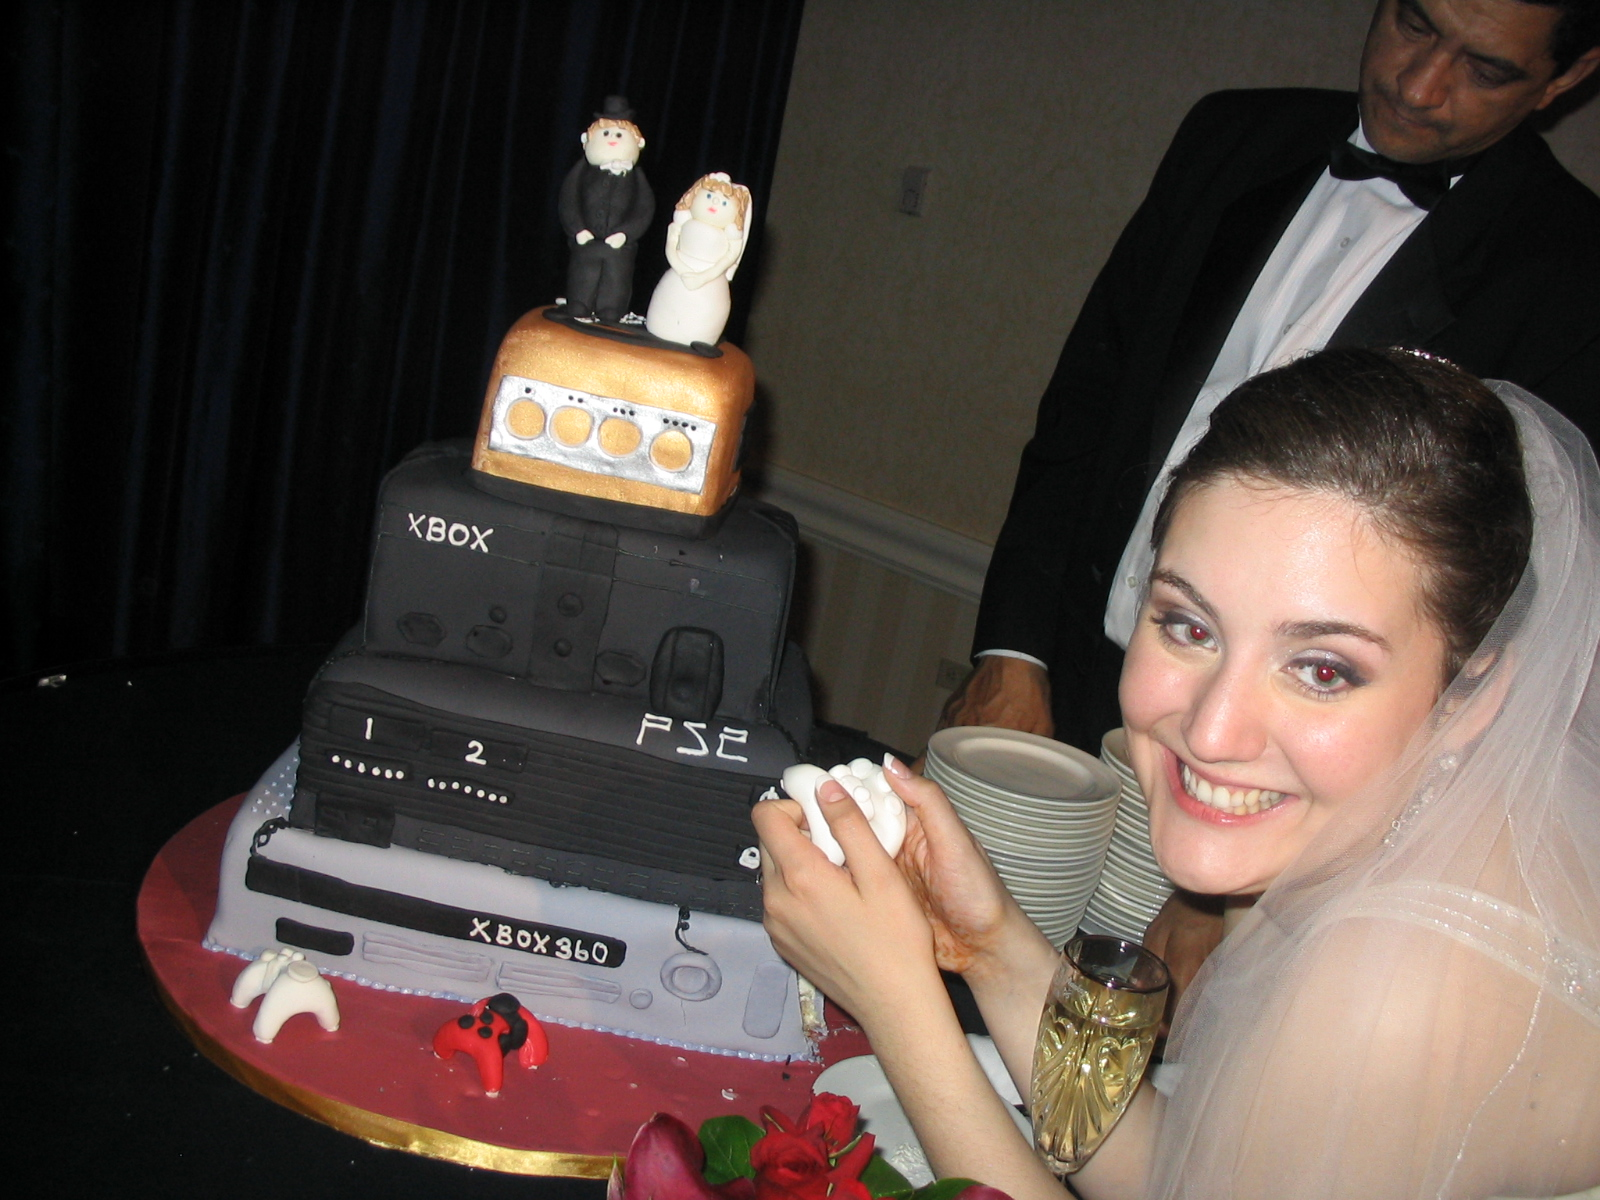 gamer cake - pichars.org